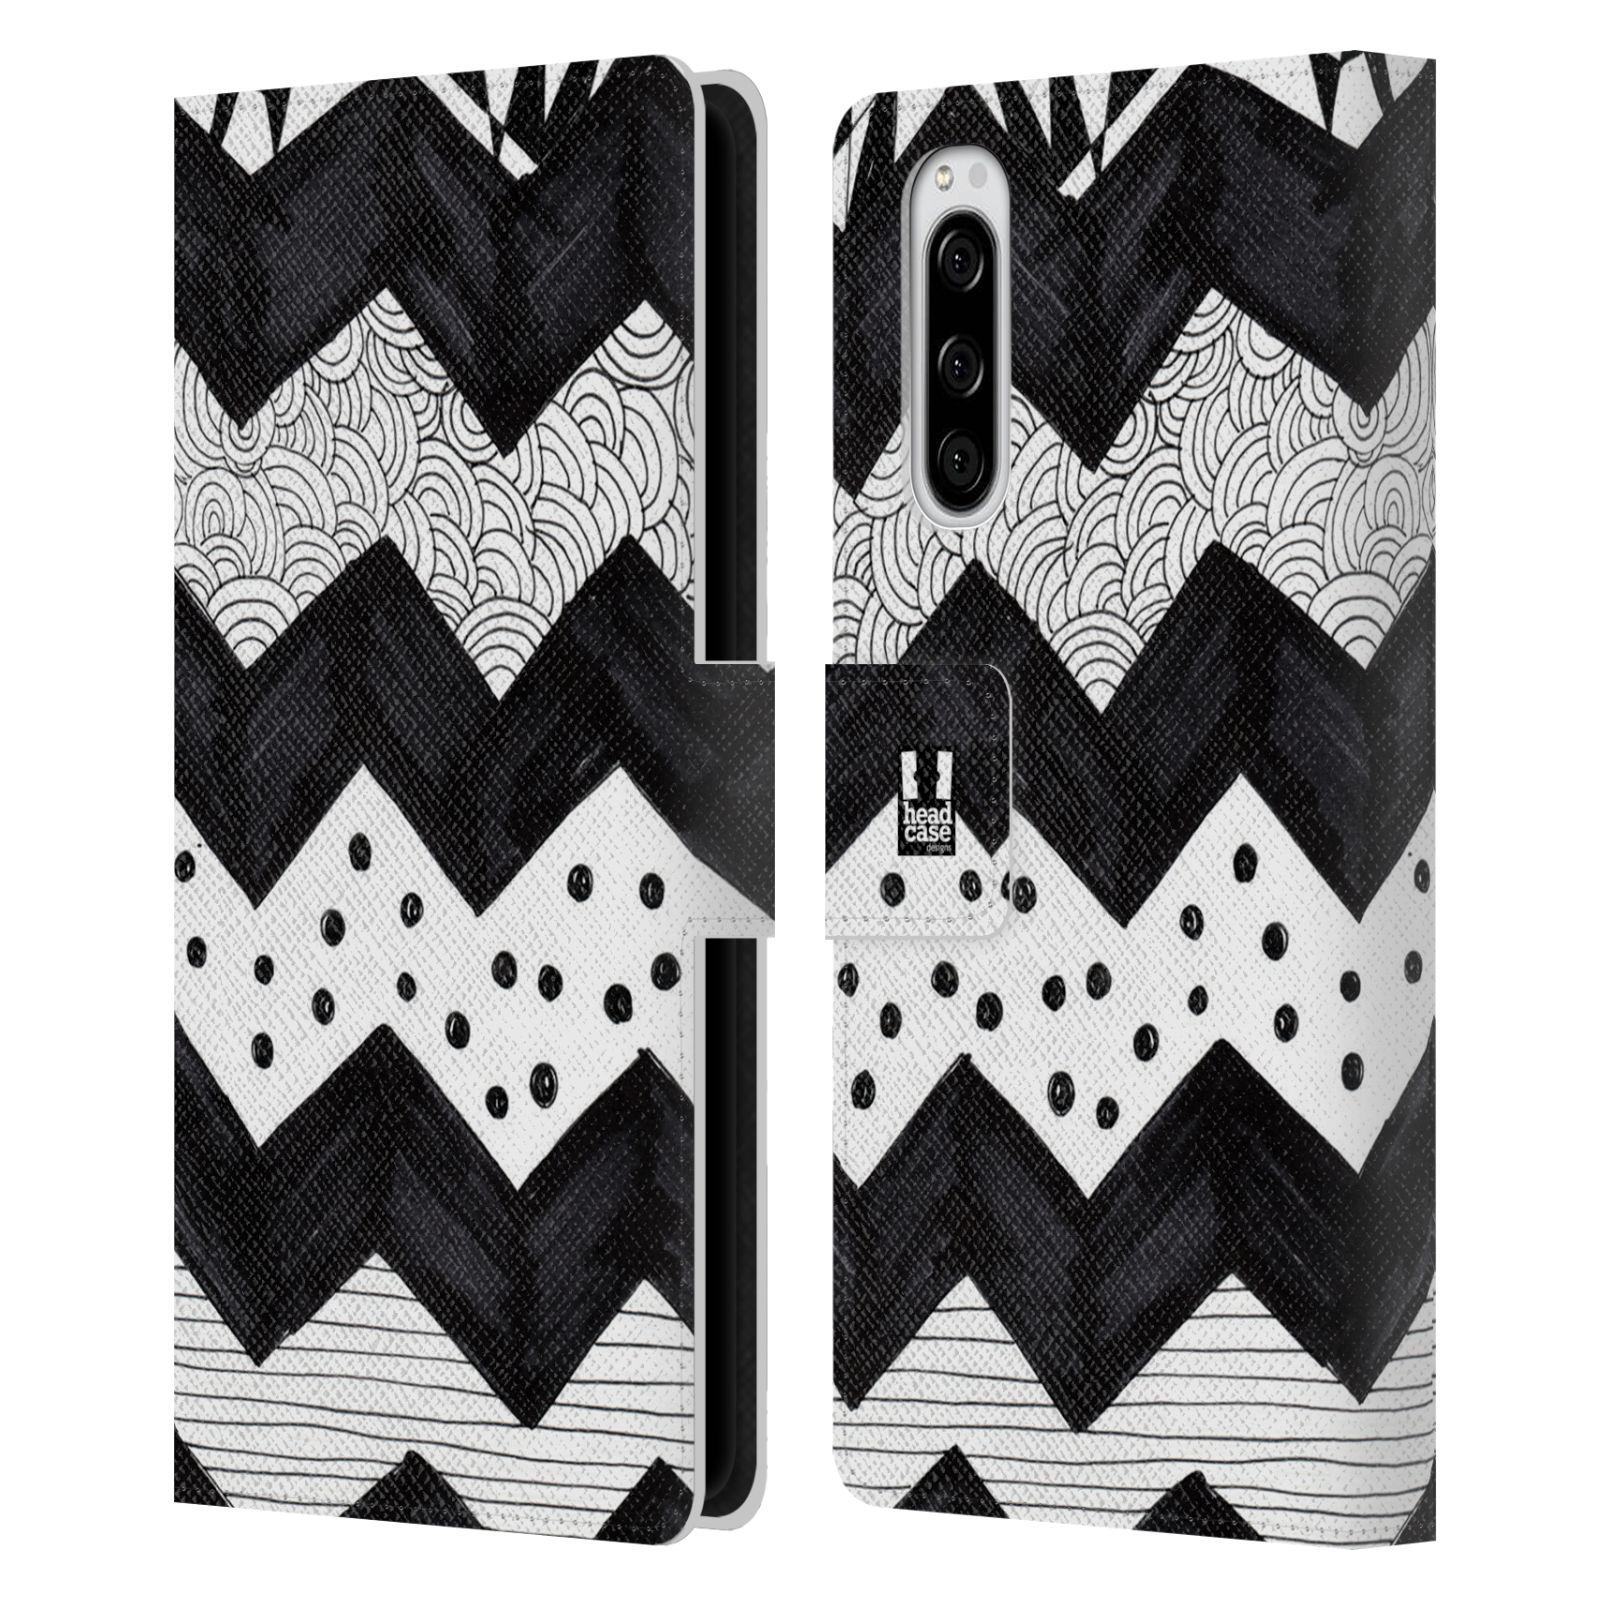 Pouzdro na mobil Sony Xperia 5 kresba a čmáranice pruhy cik cak černá a bílá